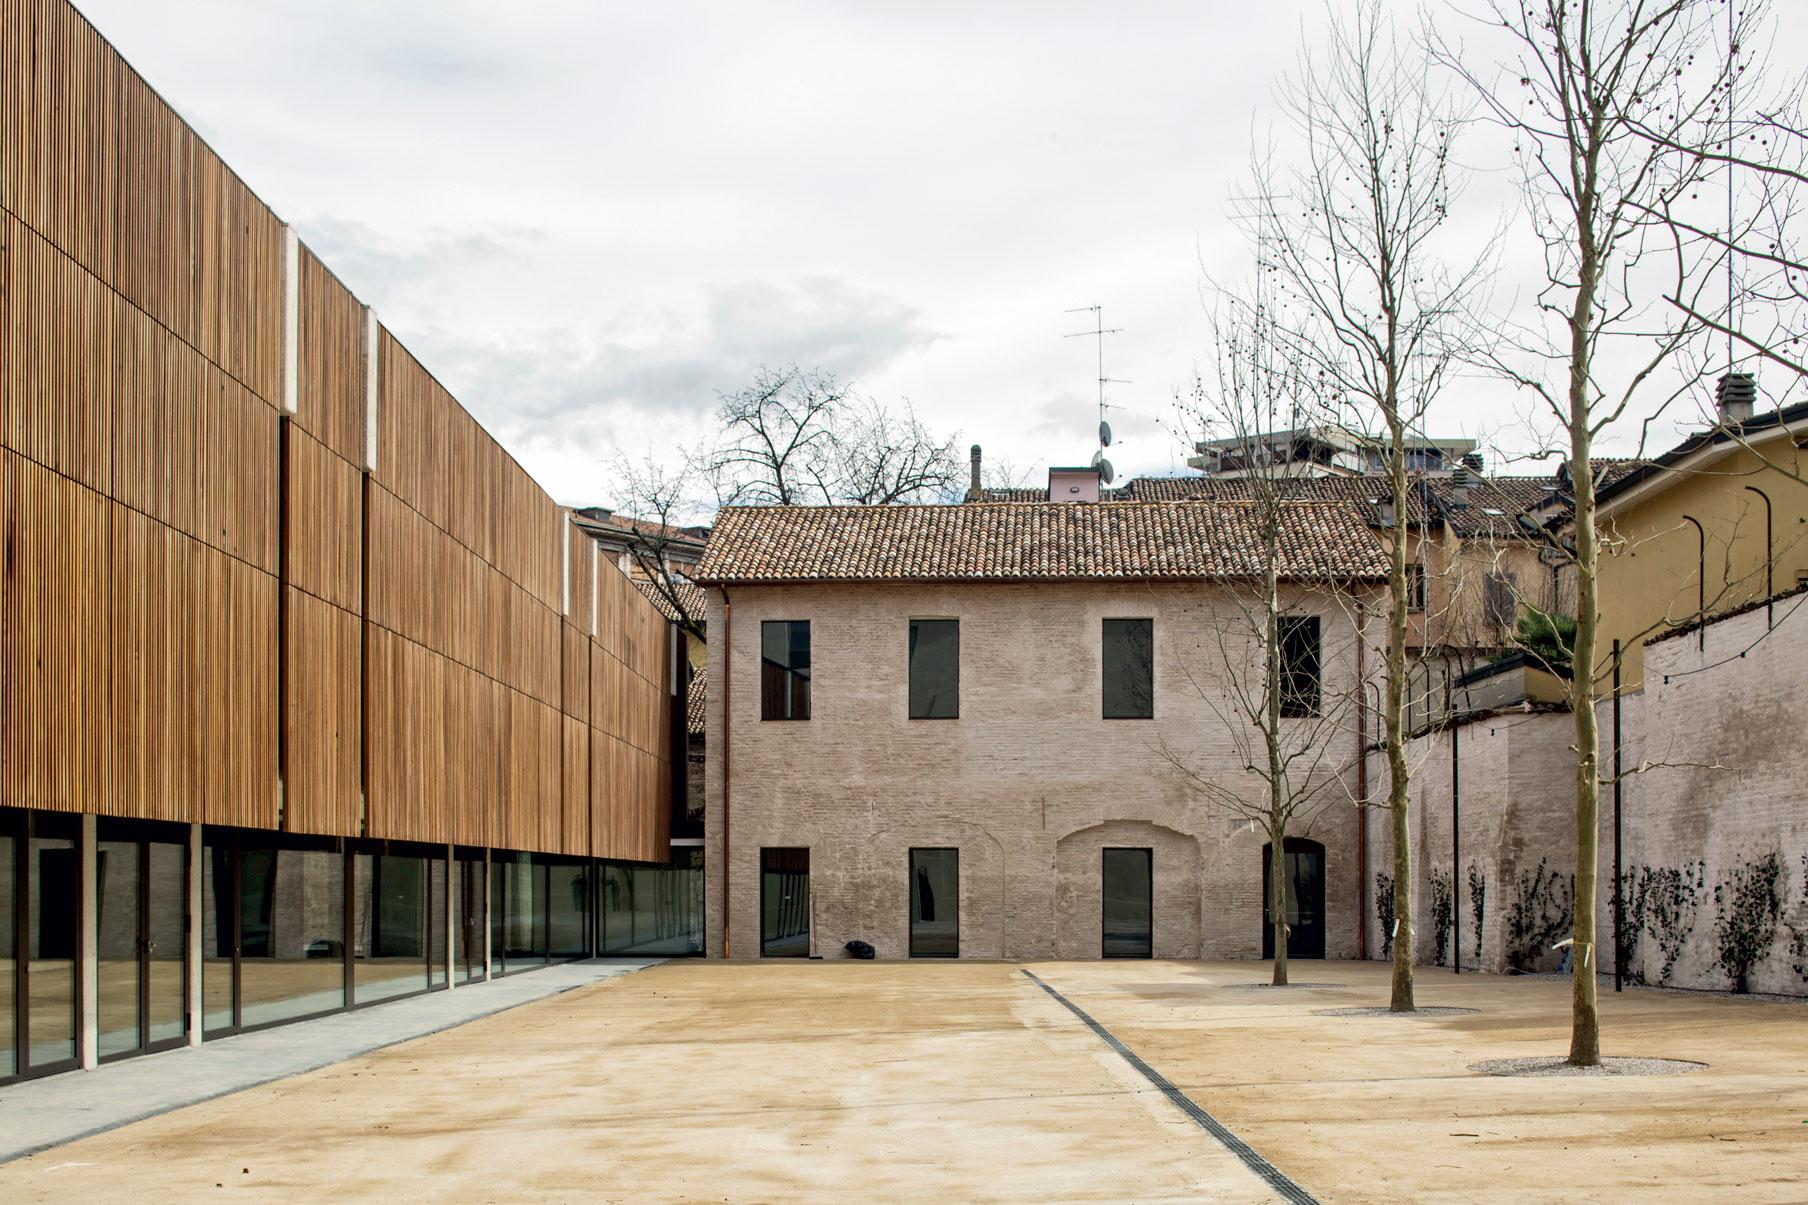 nuovo spazio pubblico San Pietro a Reggio Emilia